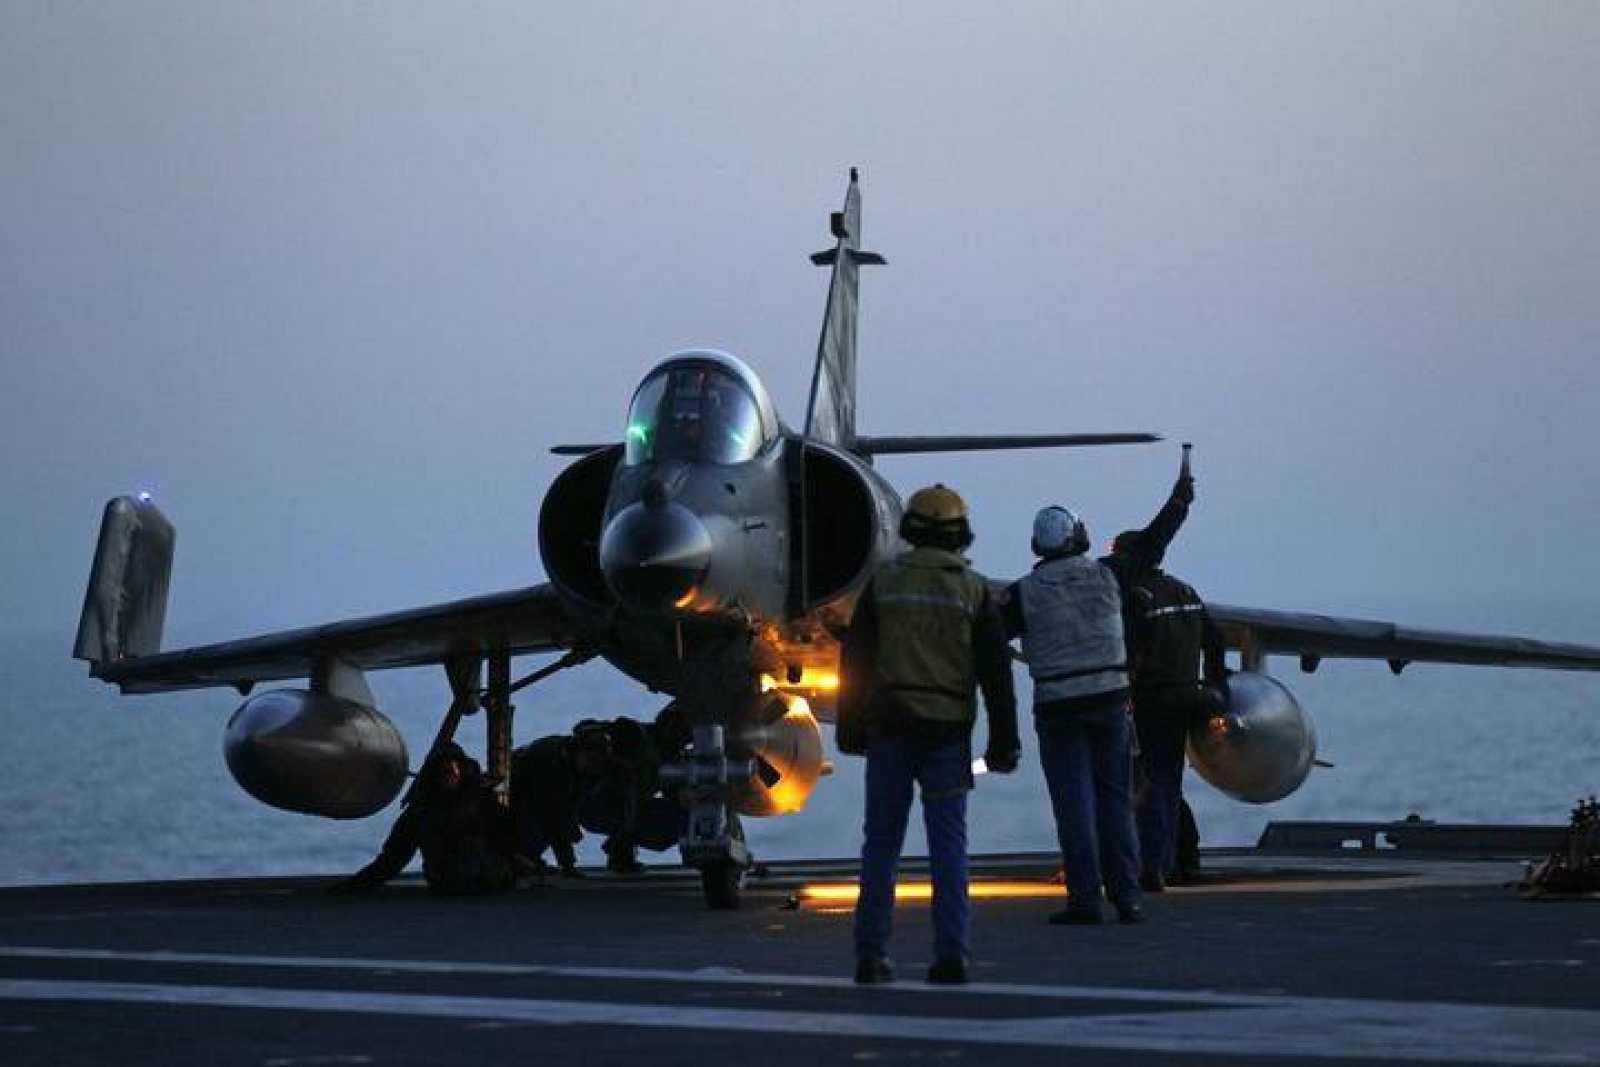 Un caza Super Etendard se prepara para despegar del portaaviones francés Charles de Gaulle en una misión sobre Libia